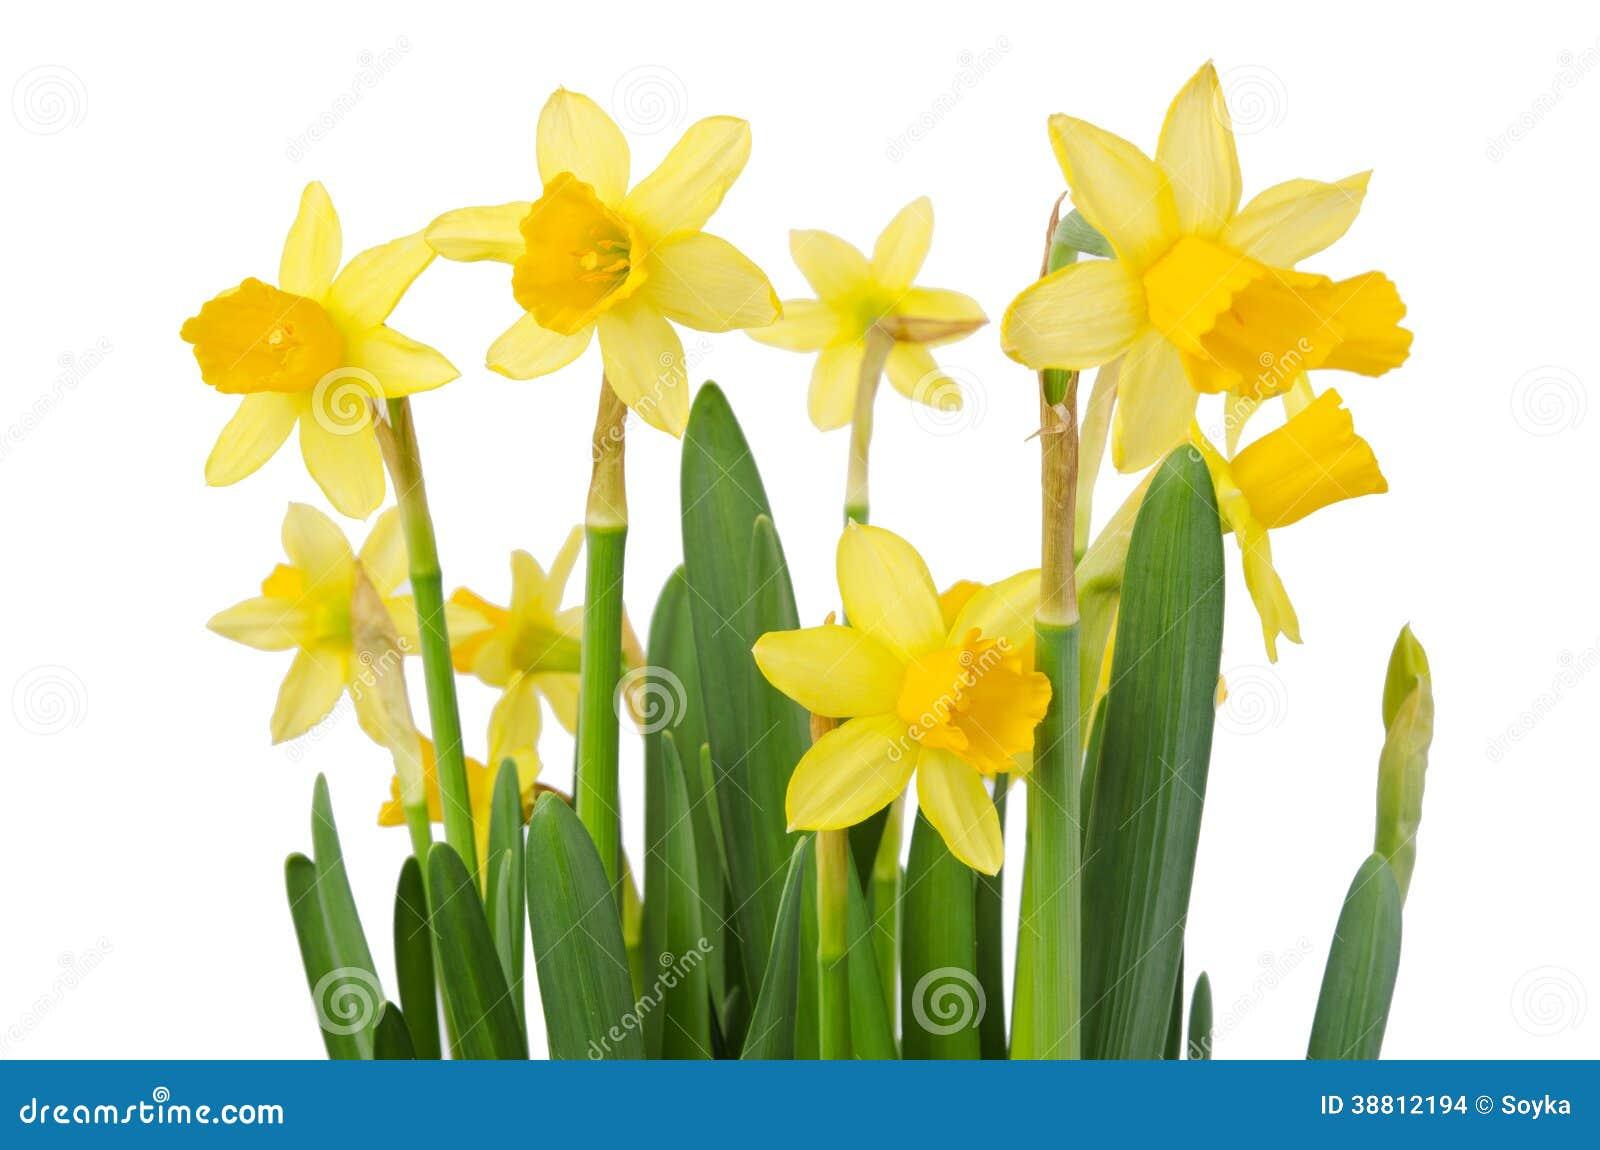 fleur de jonquille ou bouquet de narcisse photo stock image 38812194. Black Bedroom Furniture Sets. Home Design Ideas